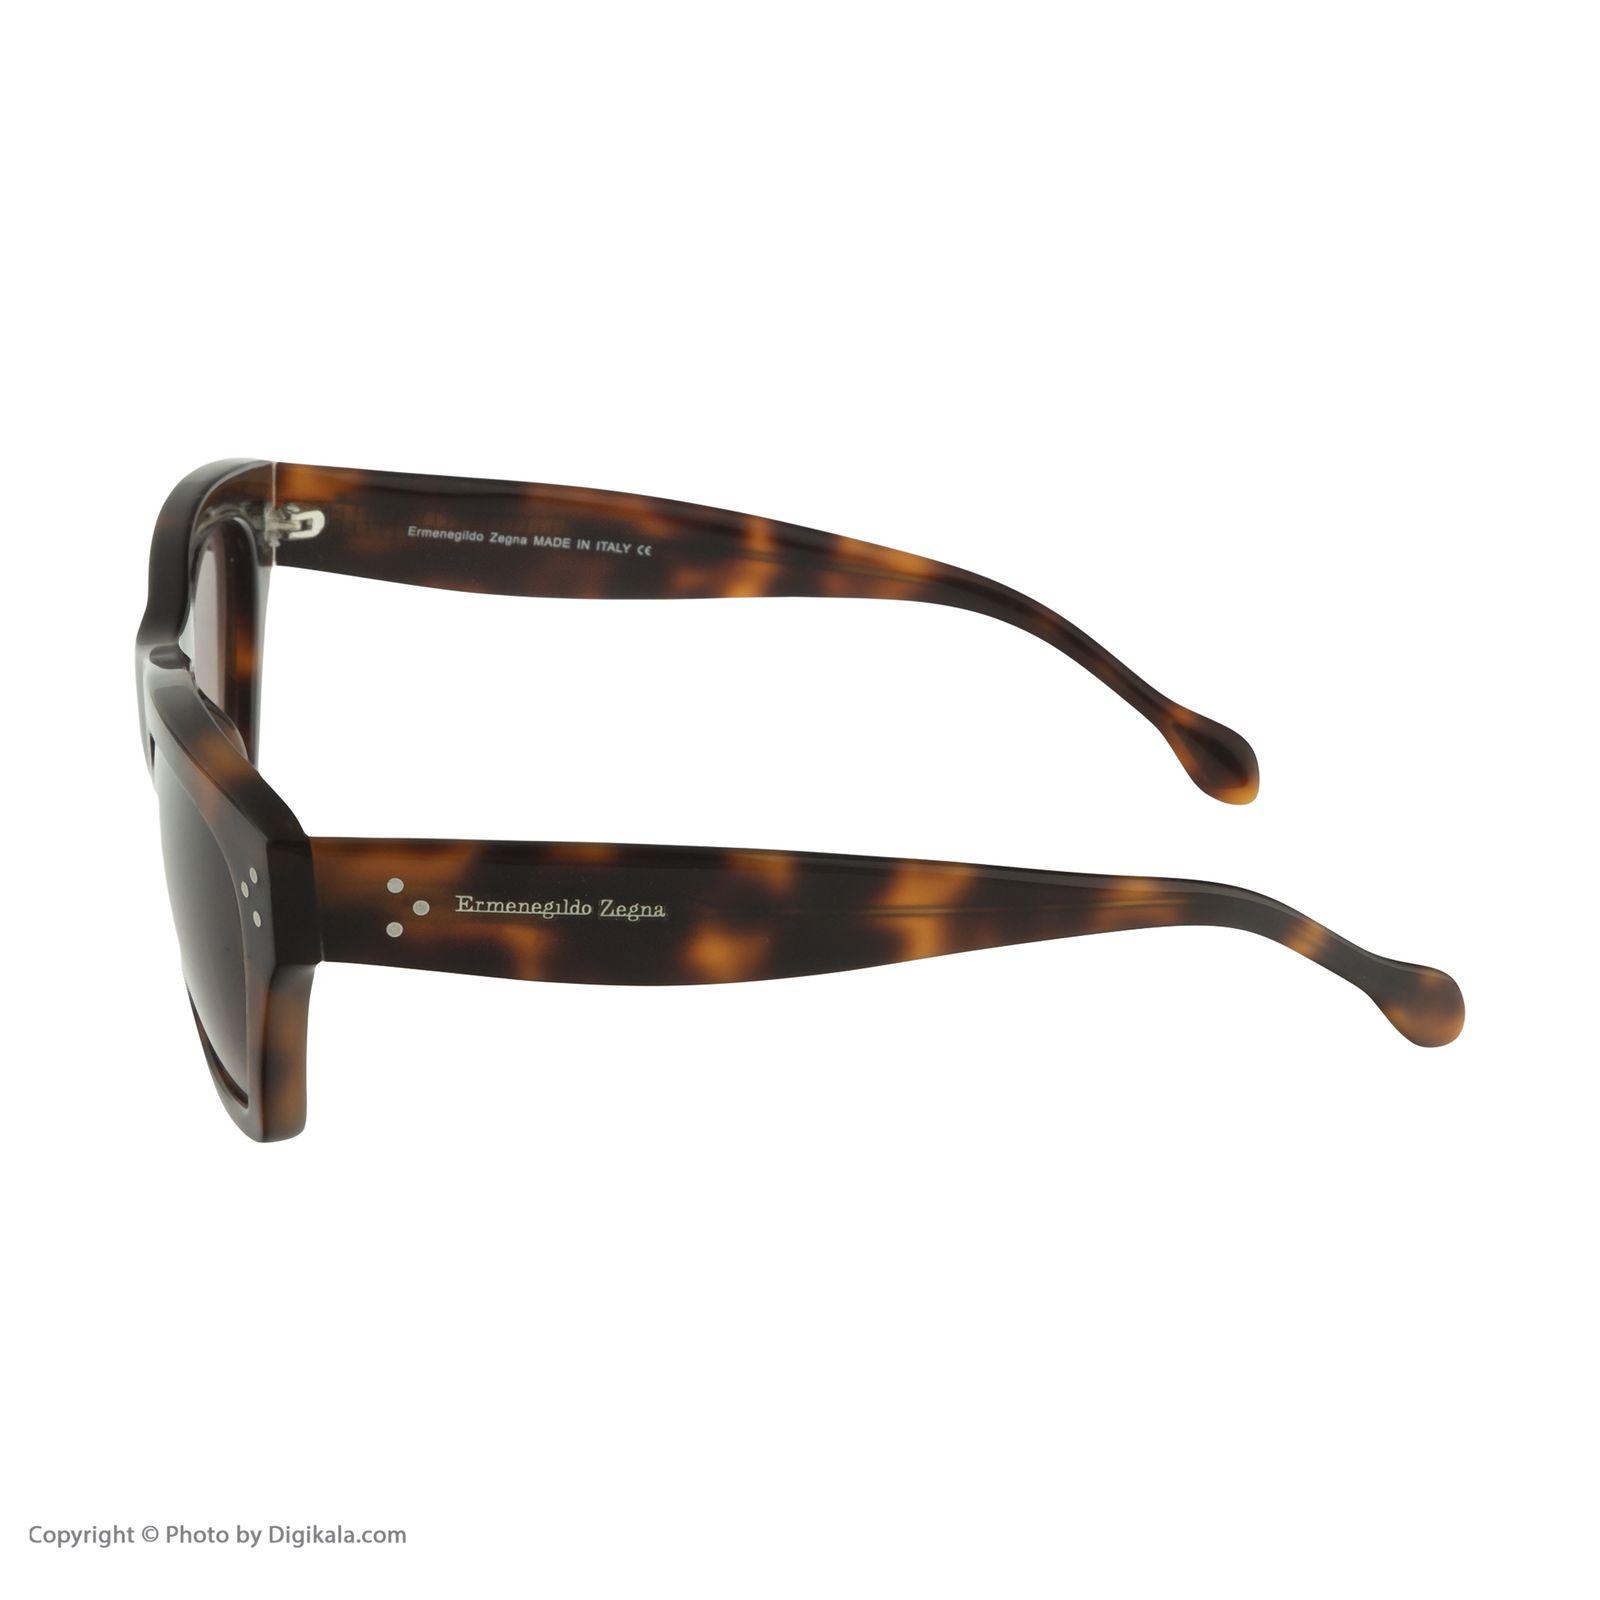 عینک آفتابی ارمنگیلدو زگنا مدل 3700 -  - 6